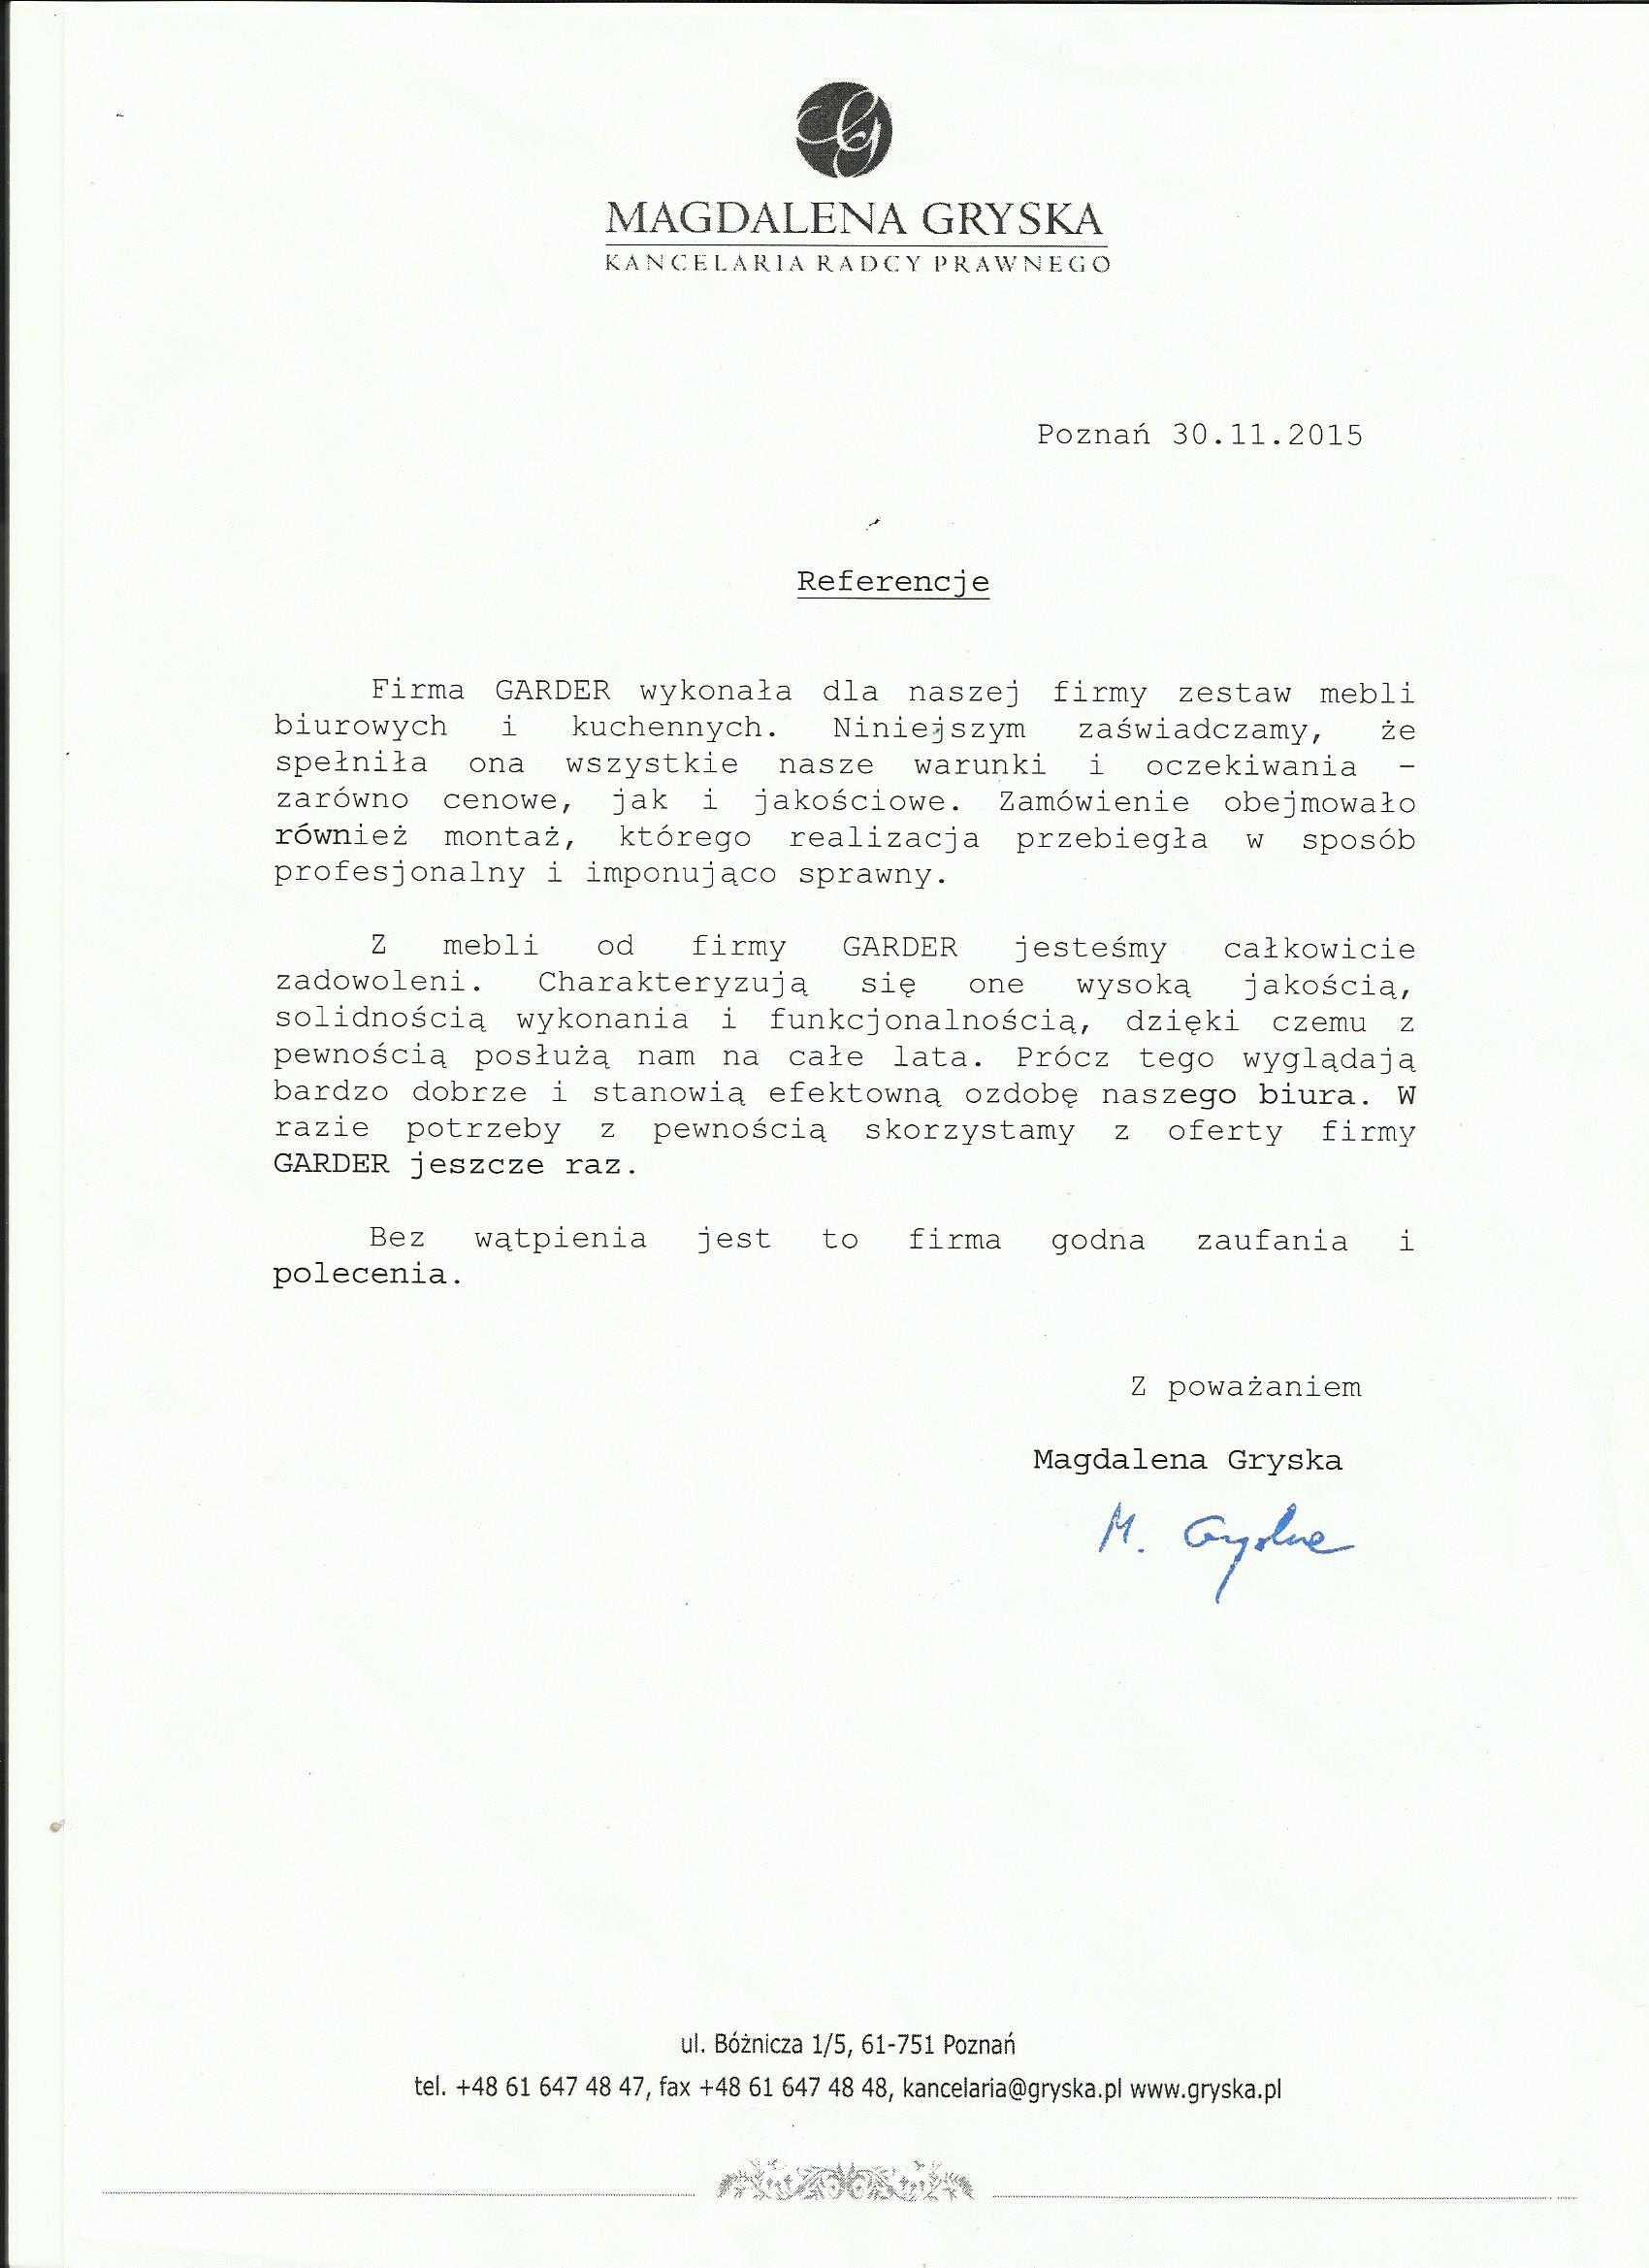 Kancelaria Radcy Prawnego Magdalena Gryska